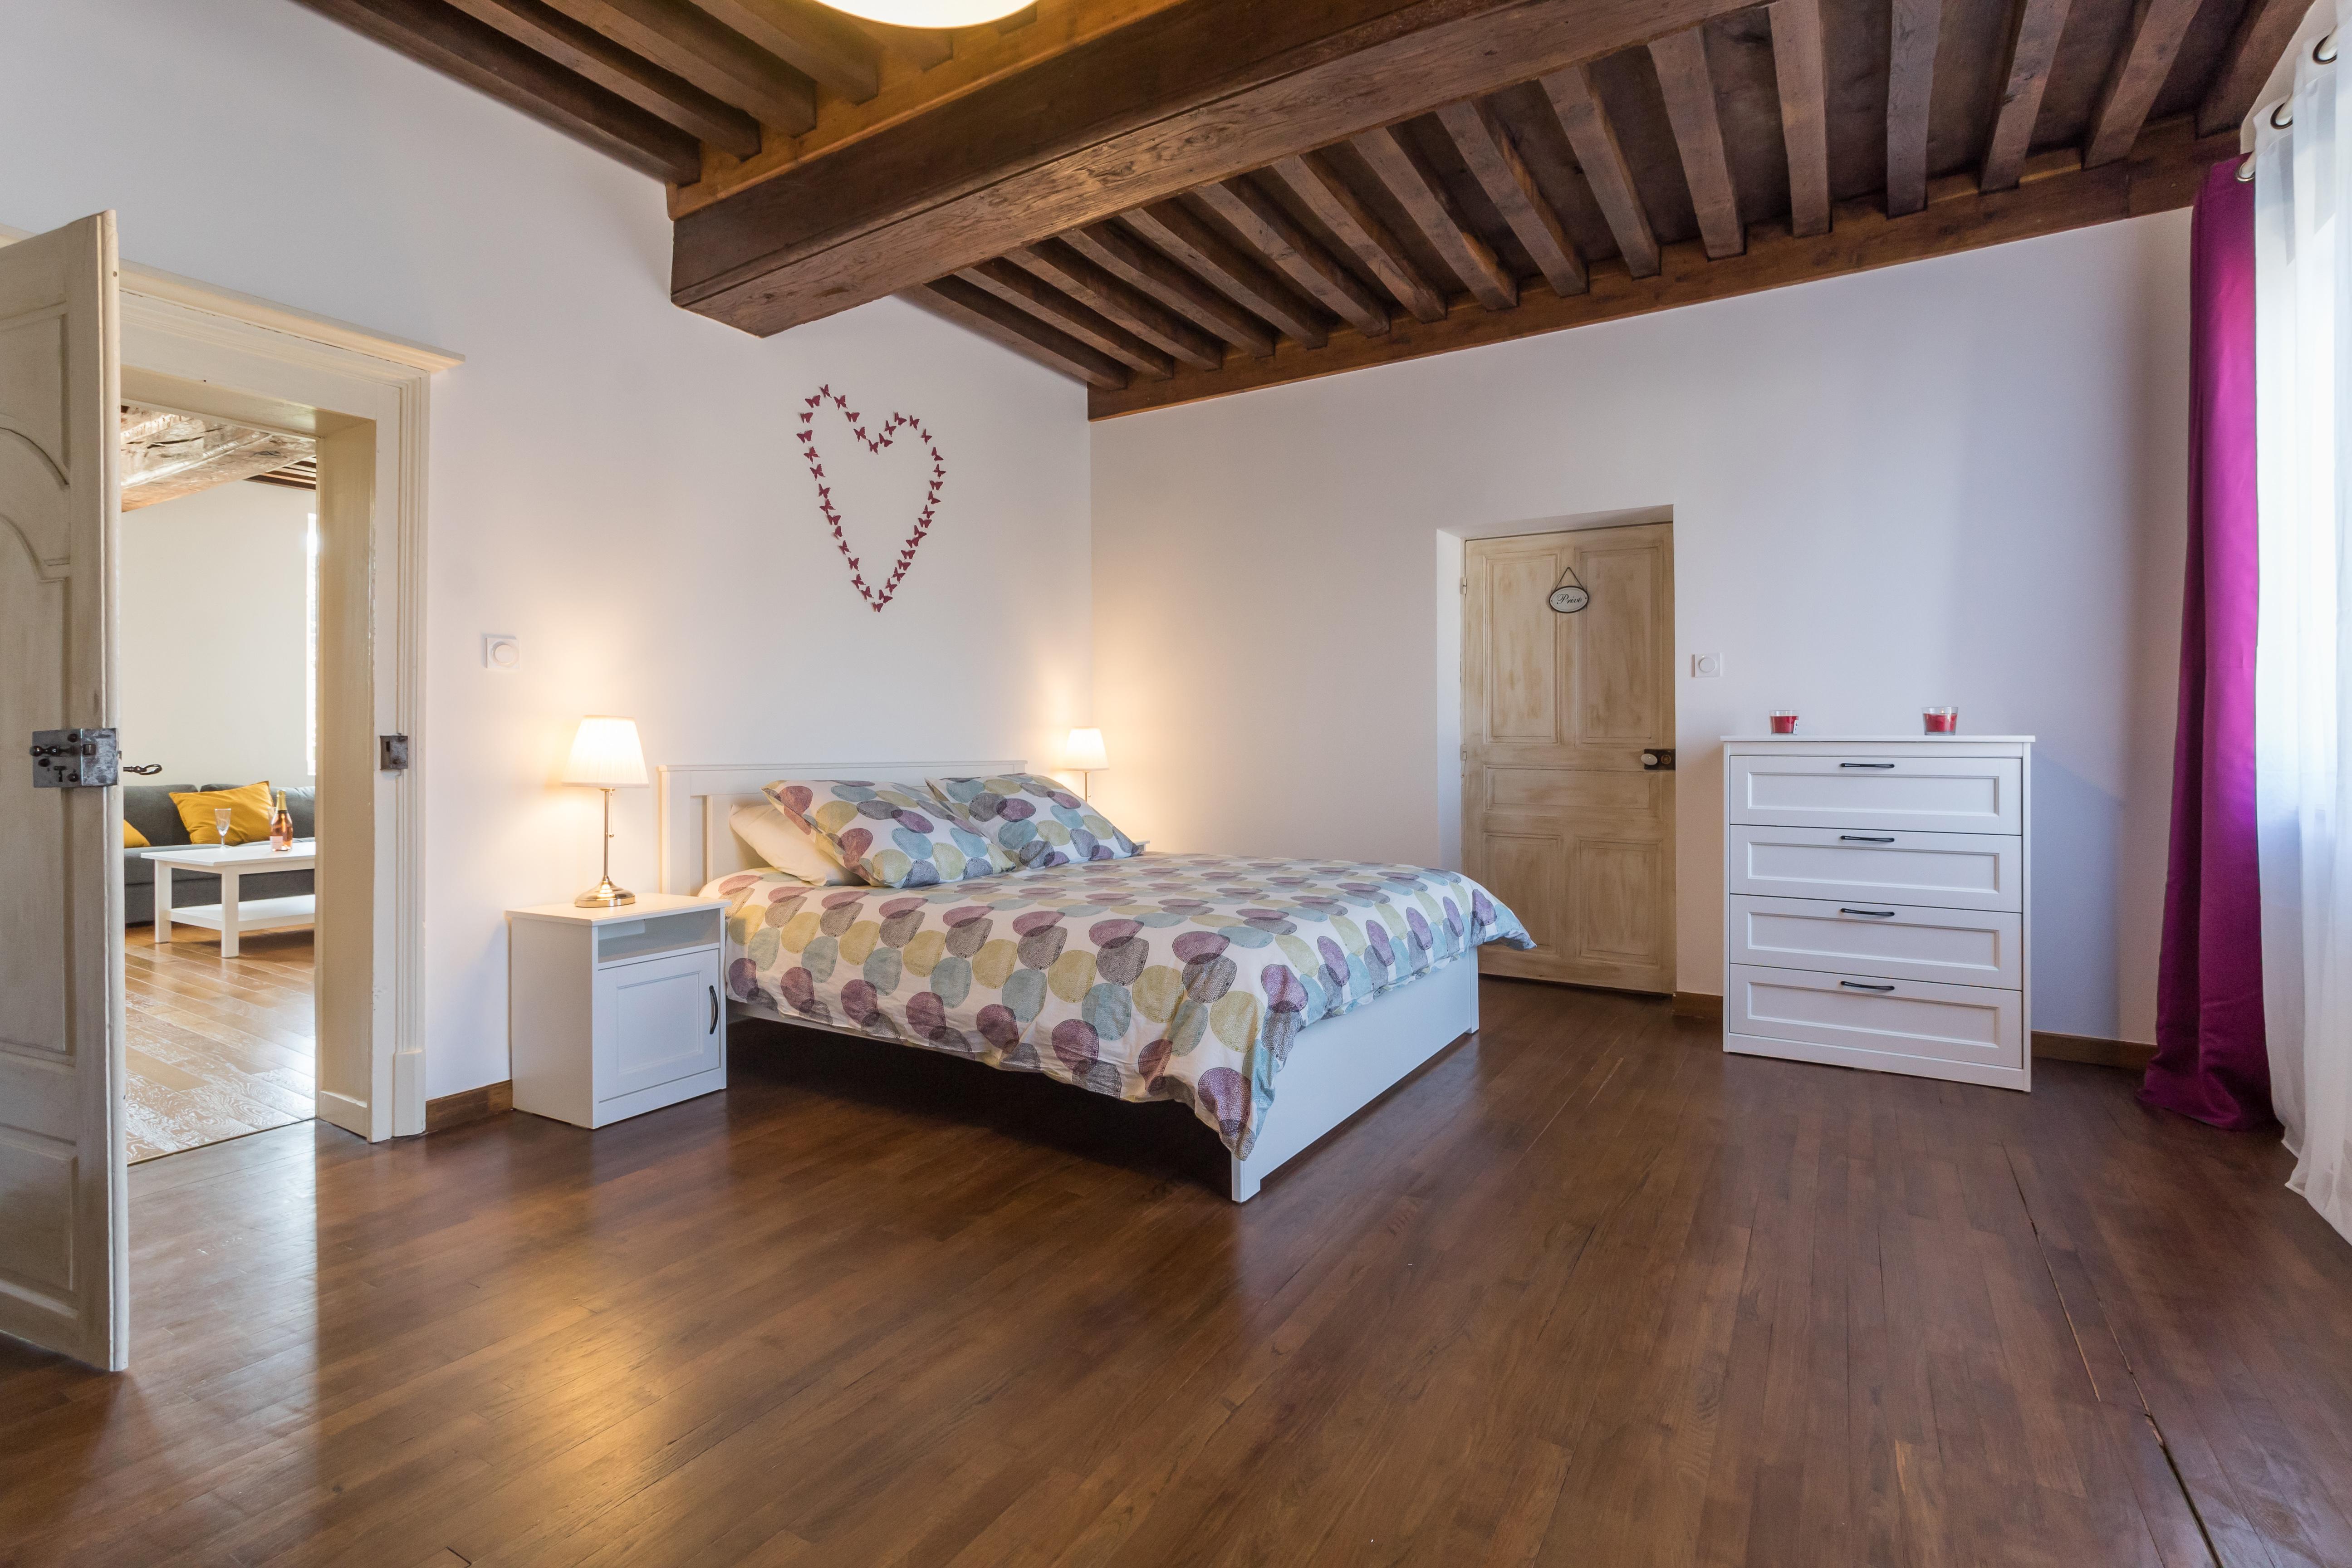 Une très grande chambre avec une cheminée en marbre, des plafonds à la française et un magnifique parquet en chêne